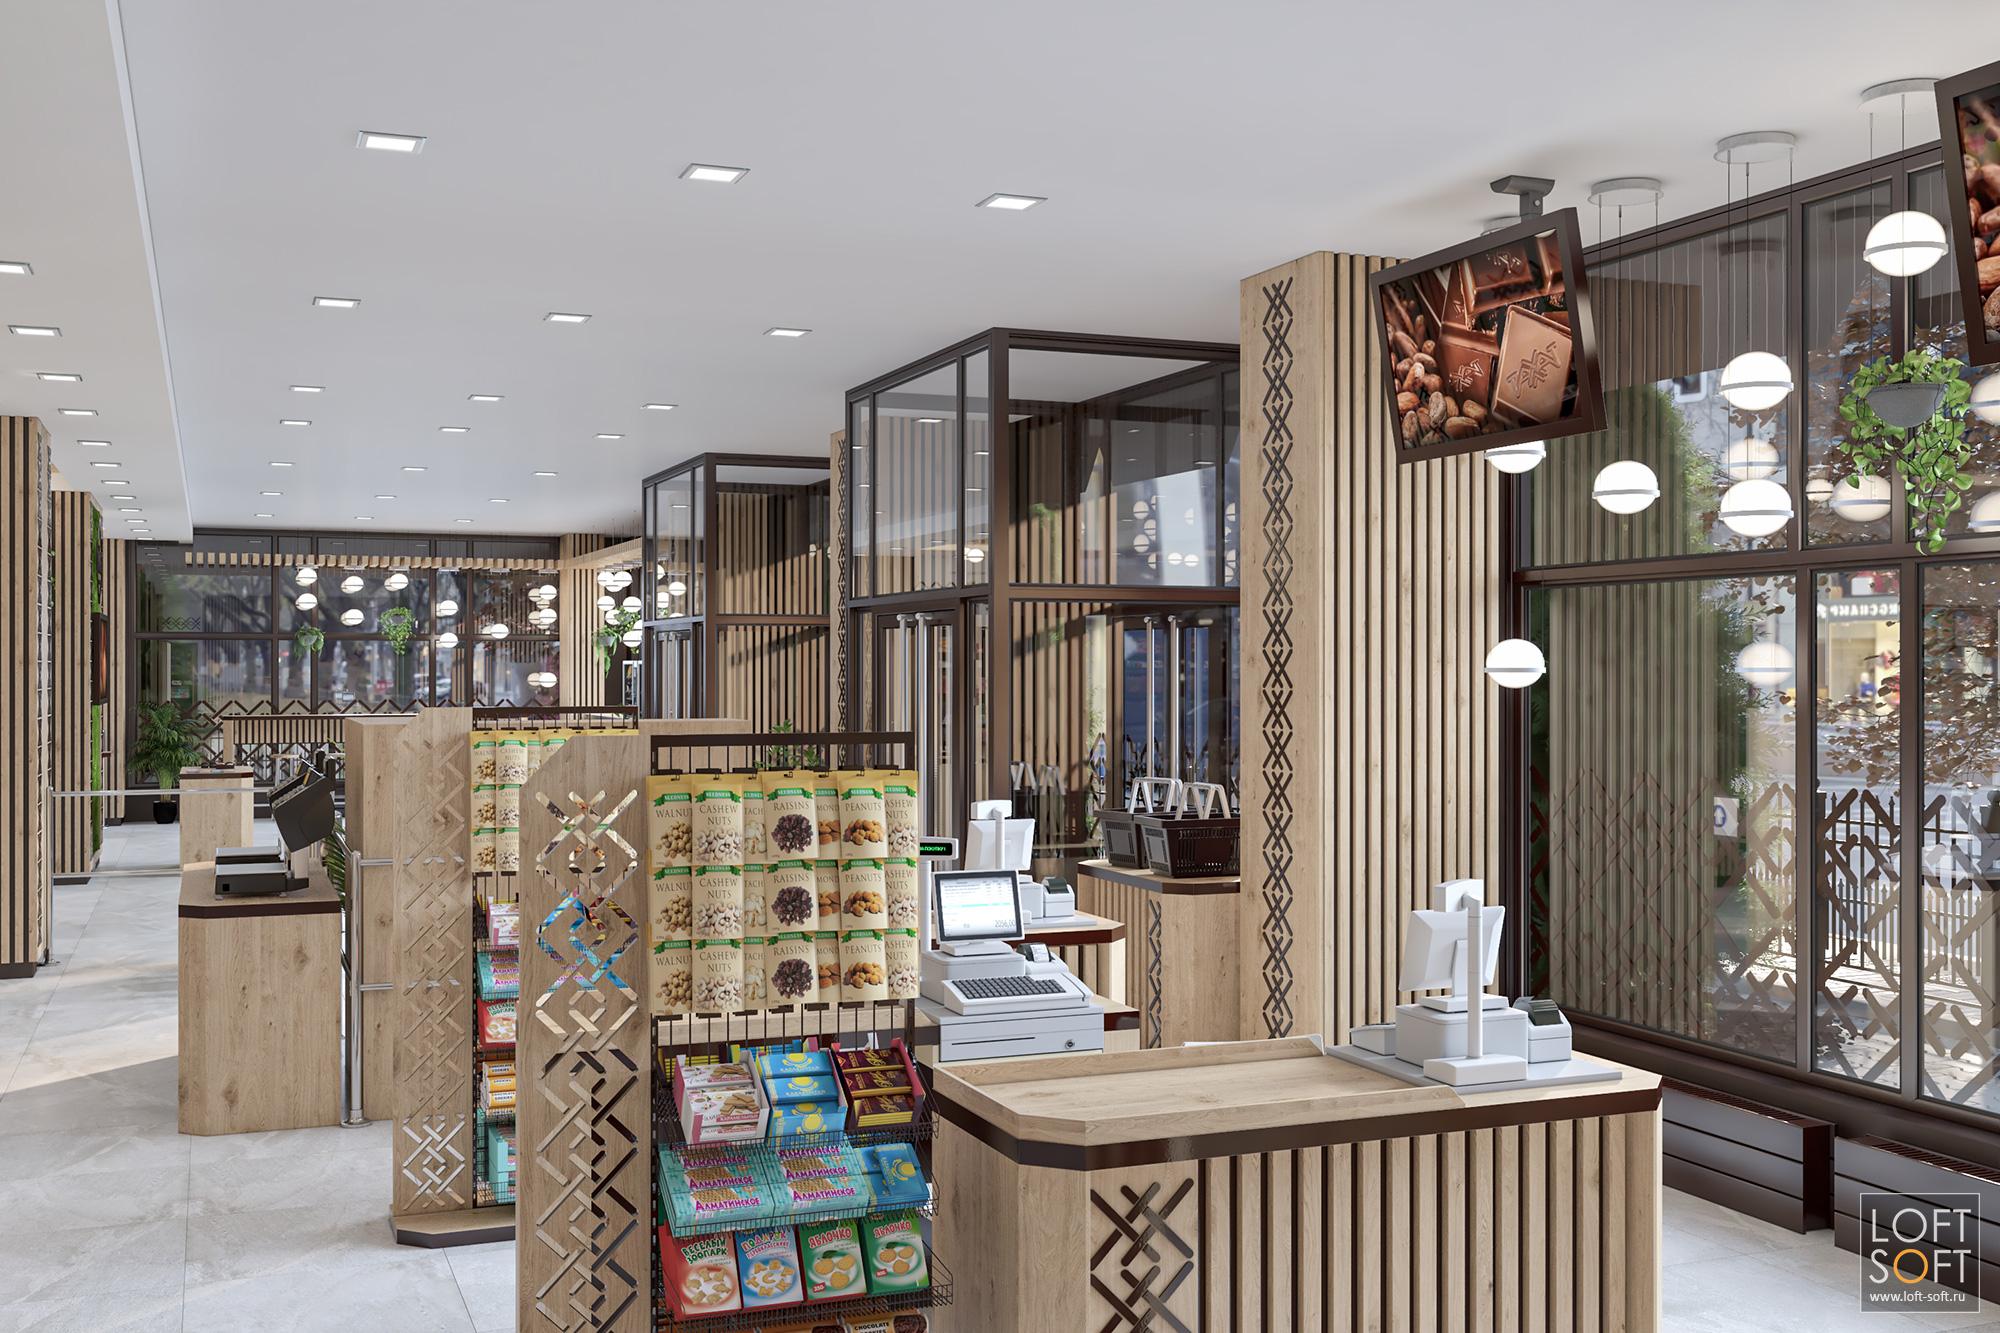 современный кондитерский магазин, дизайн магазина, современный интерьер